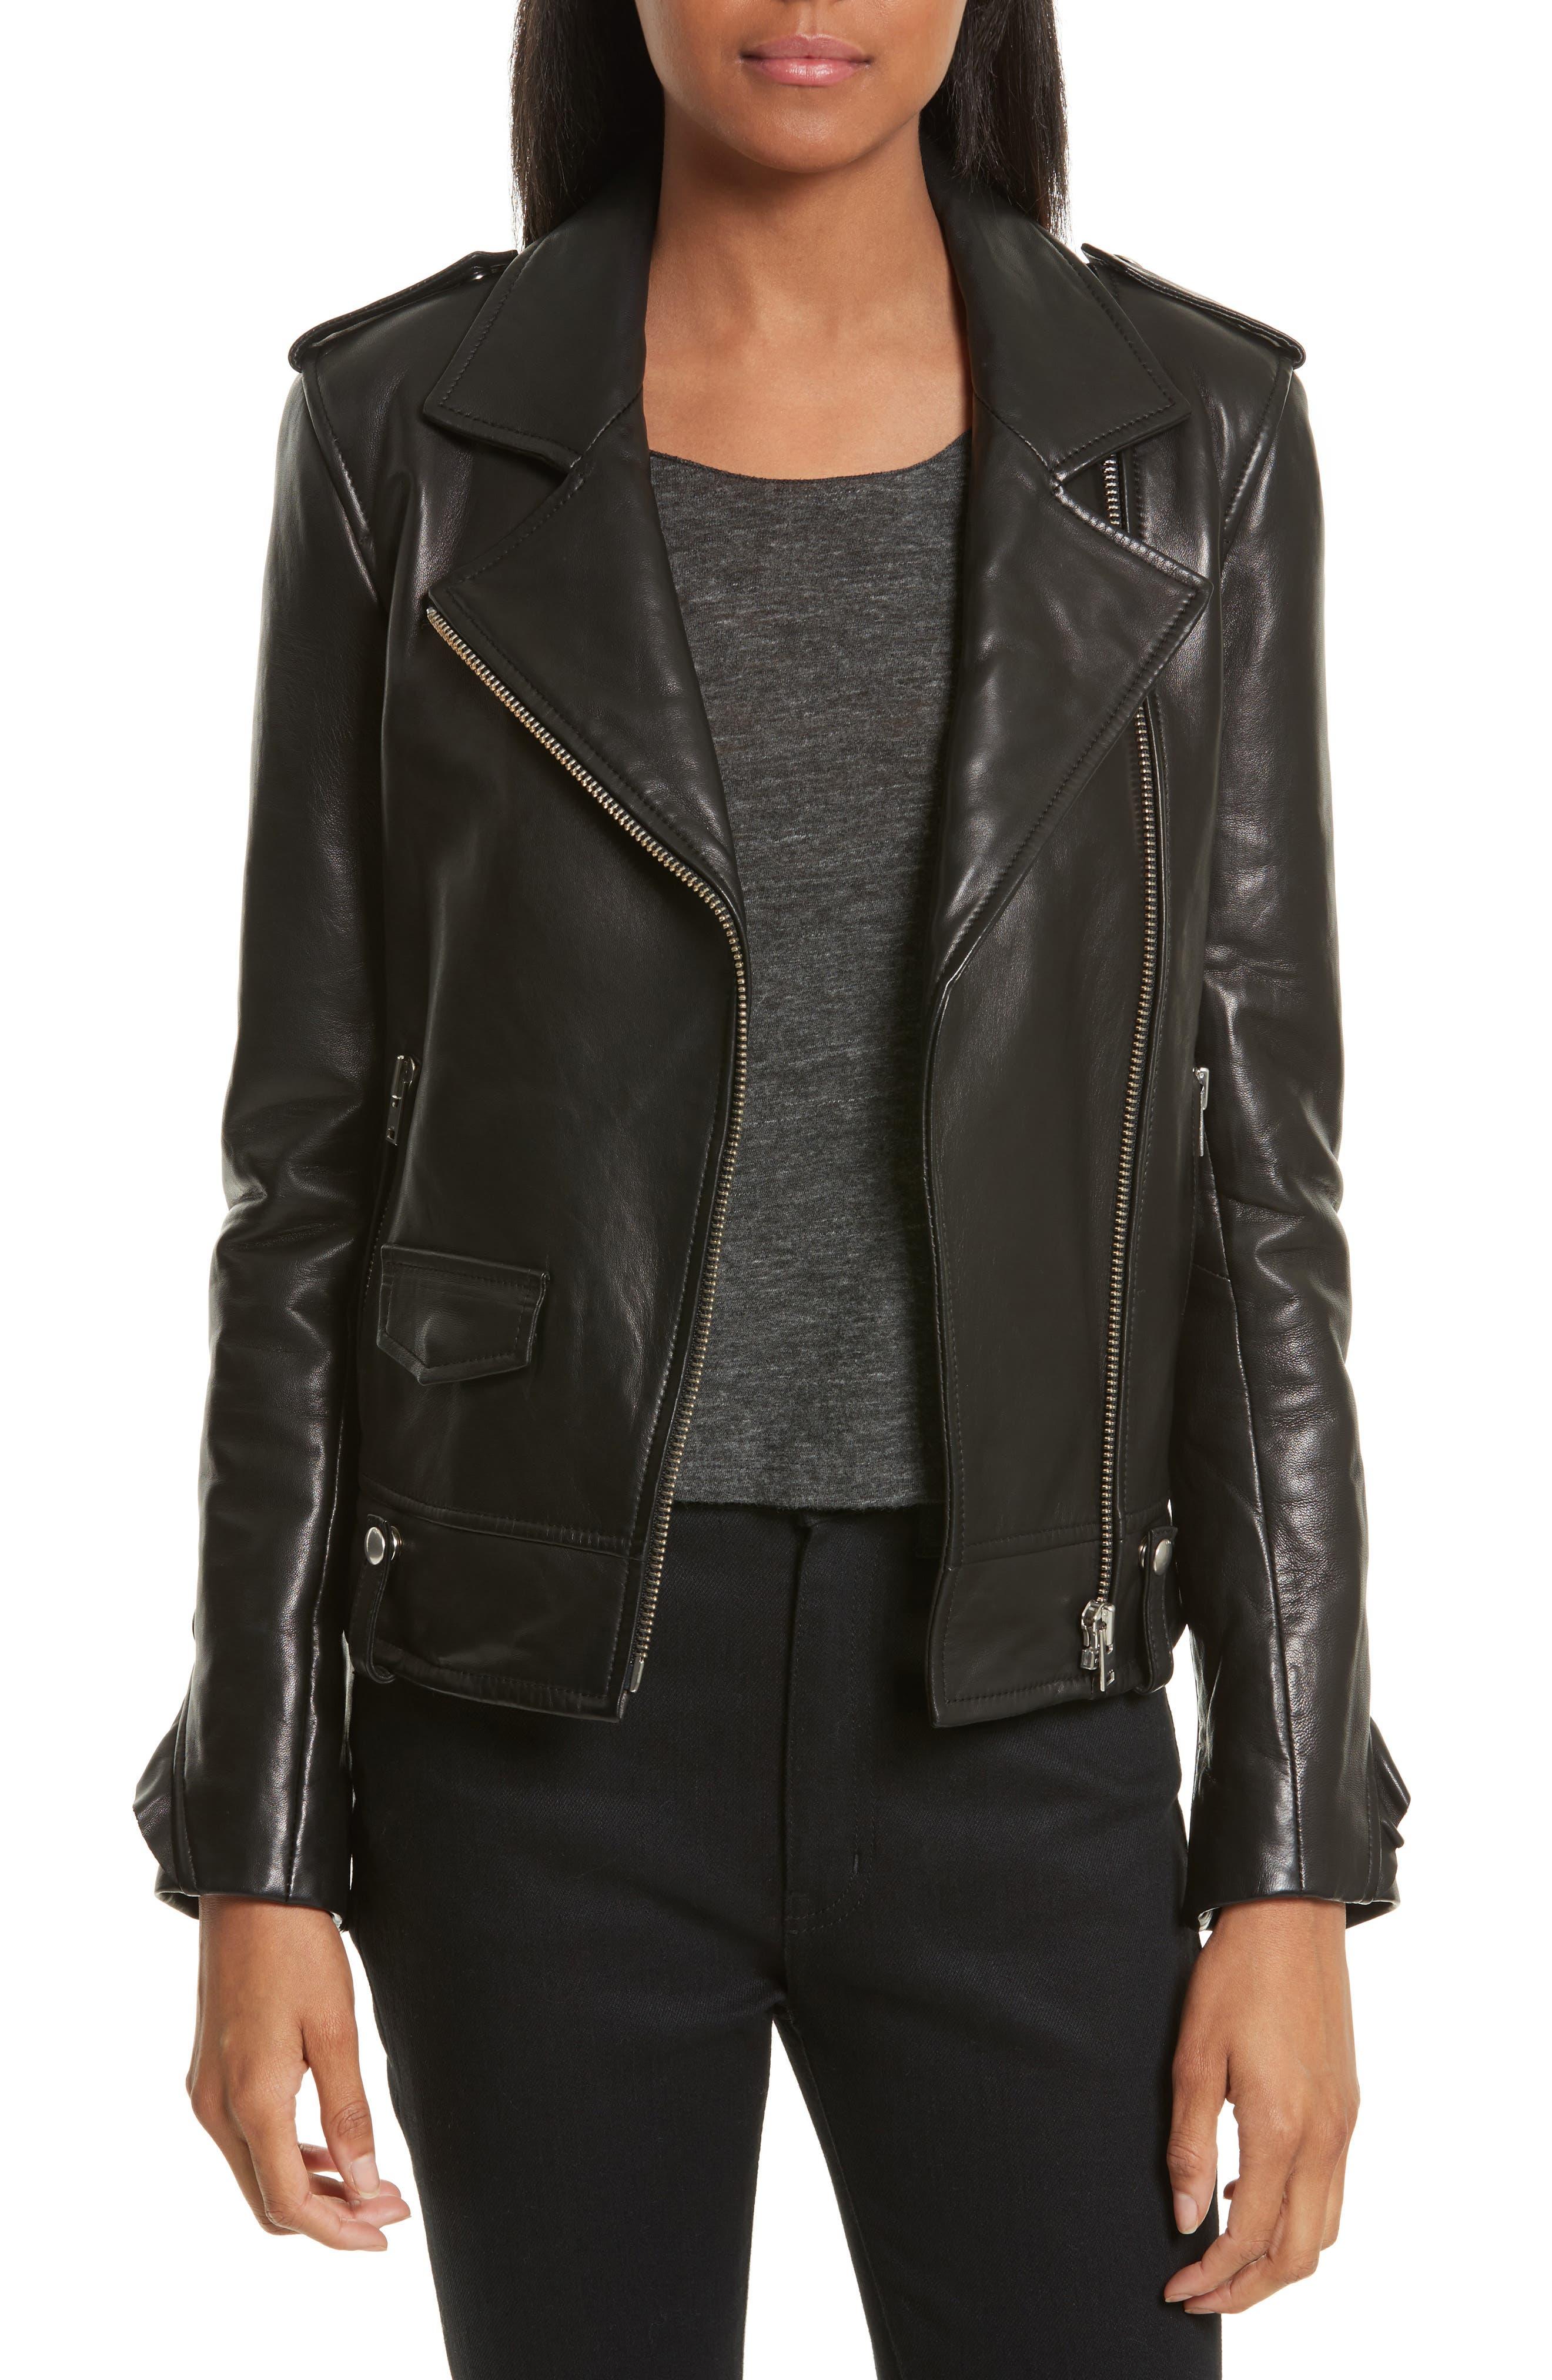 Dumont Leather Jacket,                         Main,                         color, Black